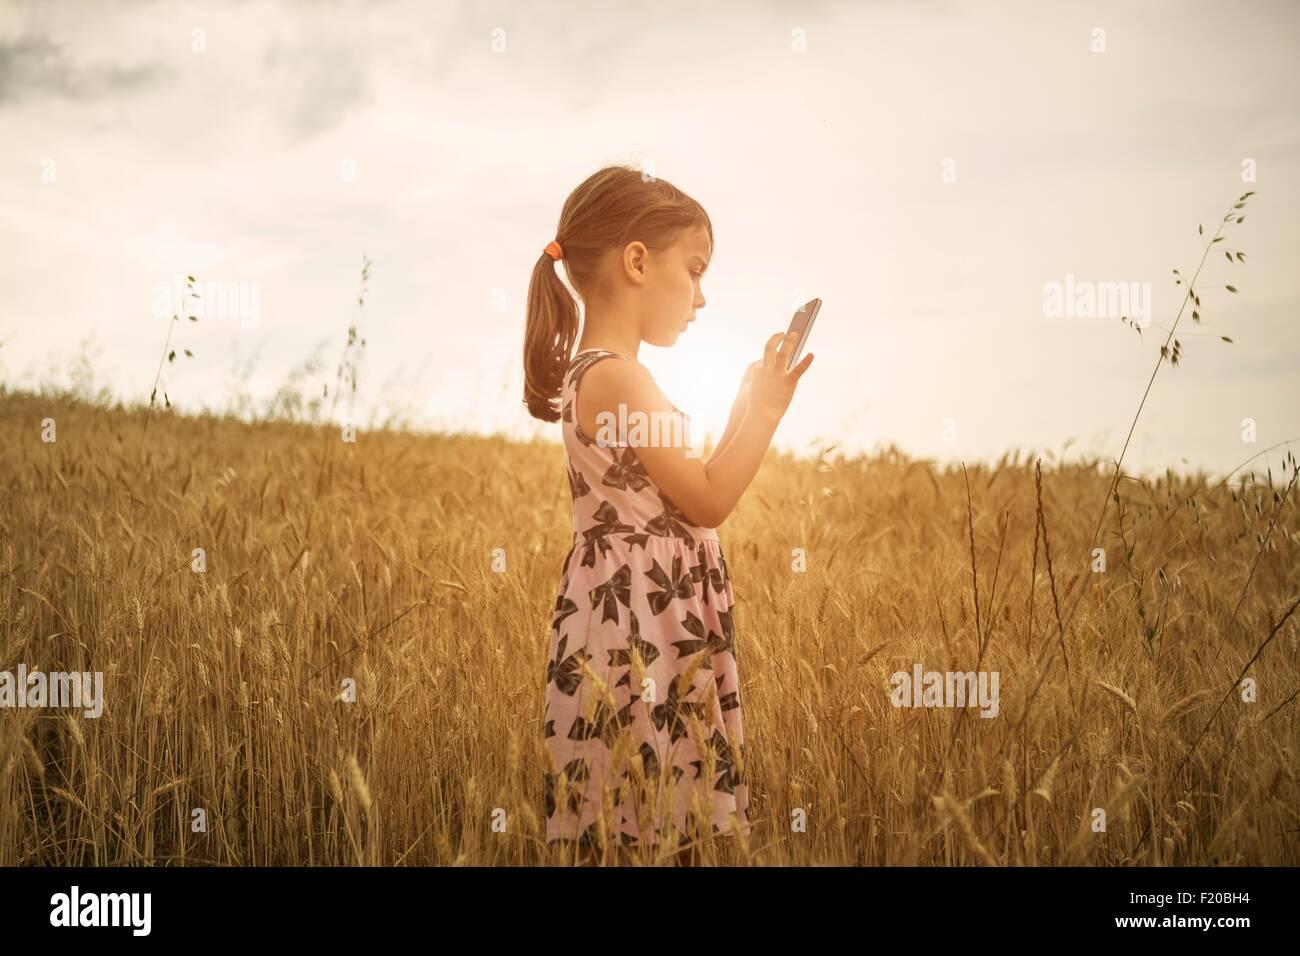 Niña concentrada en la pantalla táctil del smartphone en campo de trigo Foto de stock